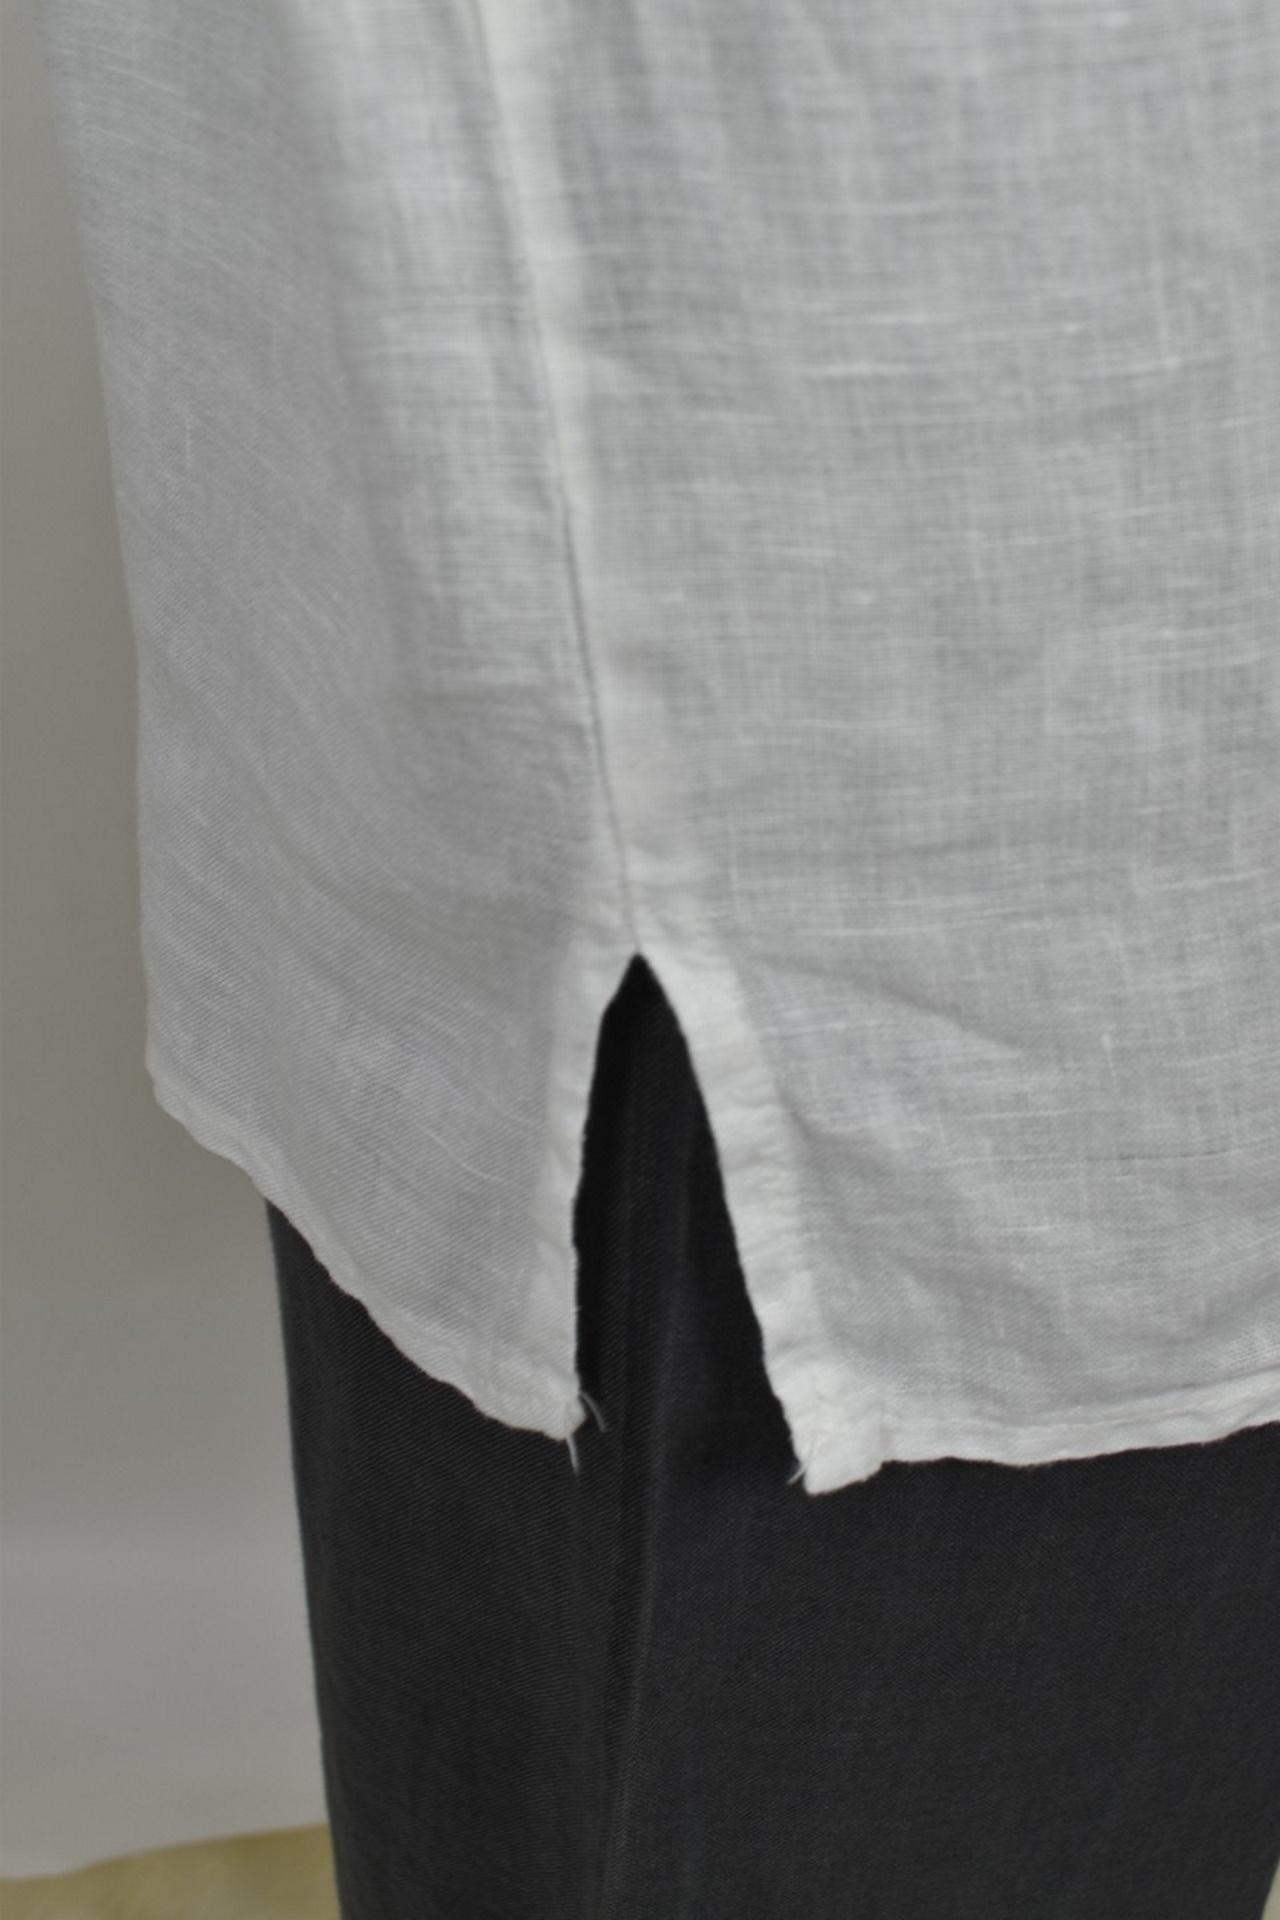 MAGMAXPE2101 BIANCO MAGLIA DA DONNA GIROCOLLO CON MANICA A 34 100 LINO 3 1stAmerican maglia da donna girocollo con manica a 3/4 100% lino Made in Italy - t-shirt manica corta da donna mare in lino